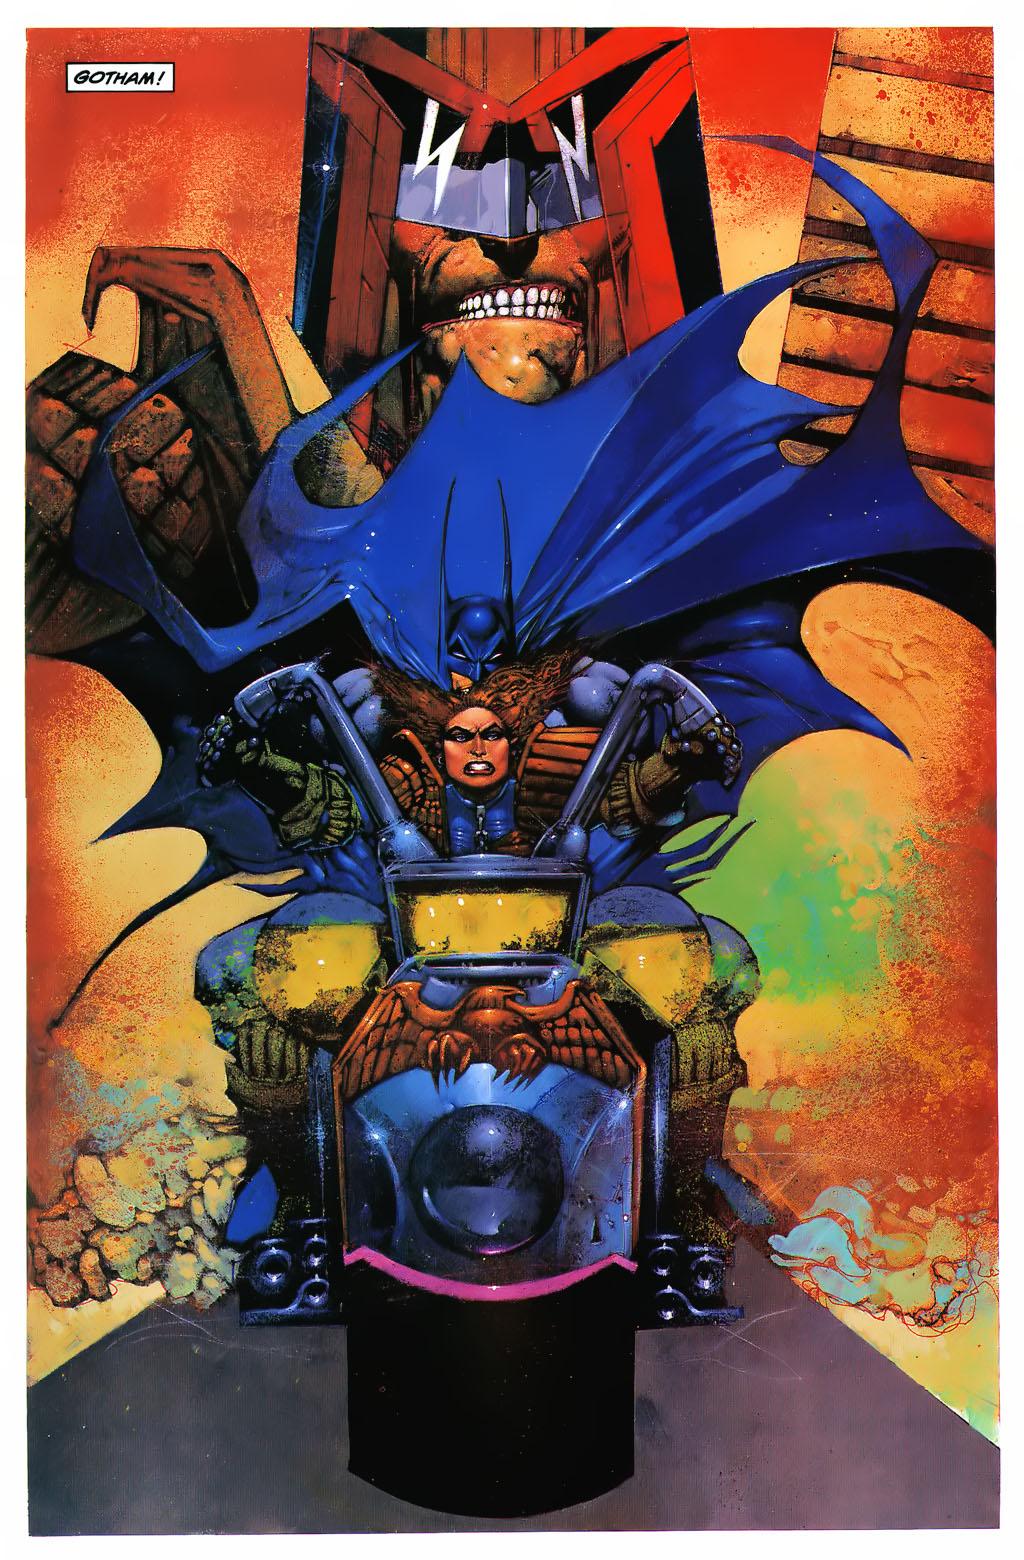 BATMAN VS JUDGE DREDD EPUB DOWNLOAD